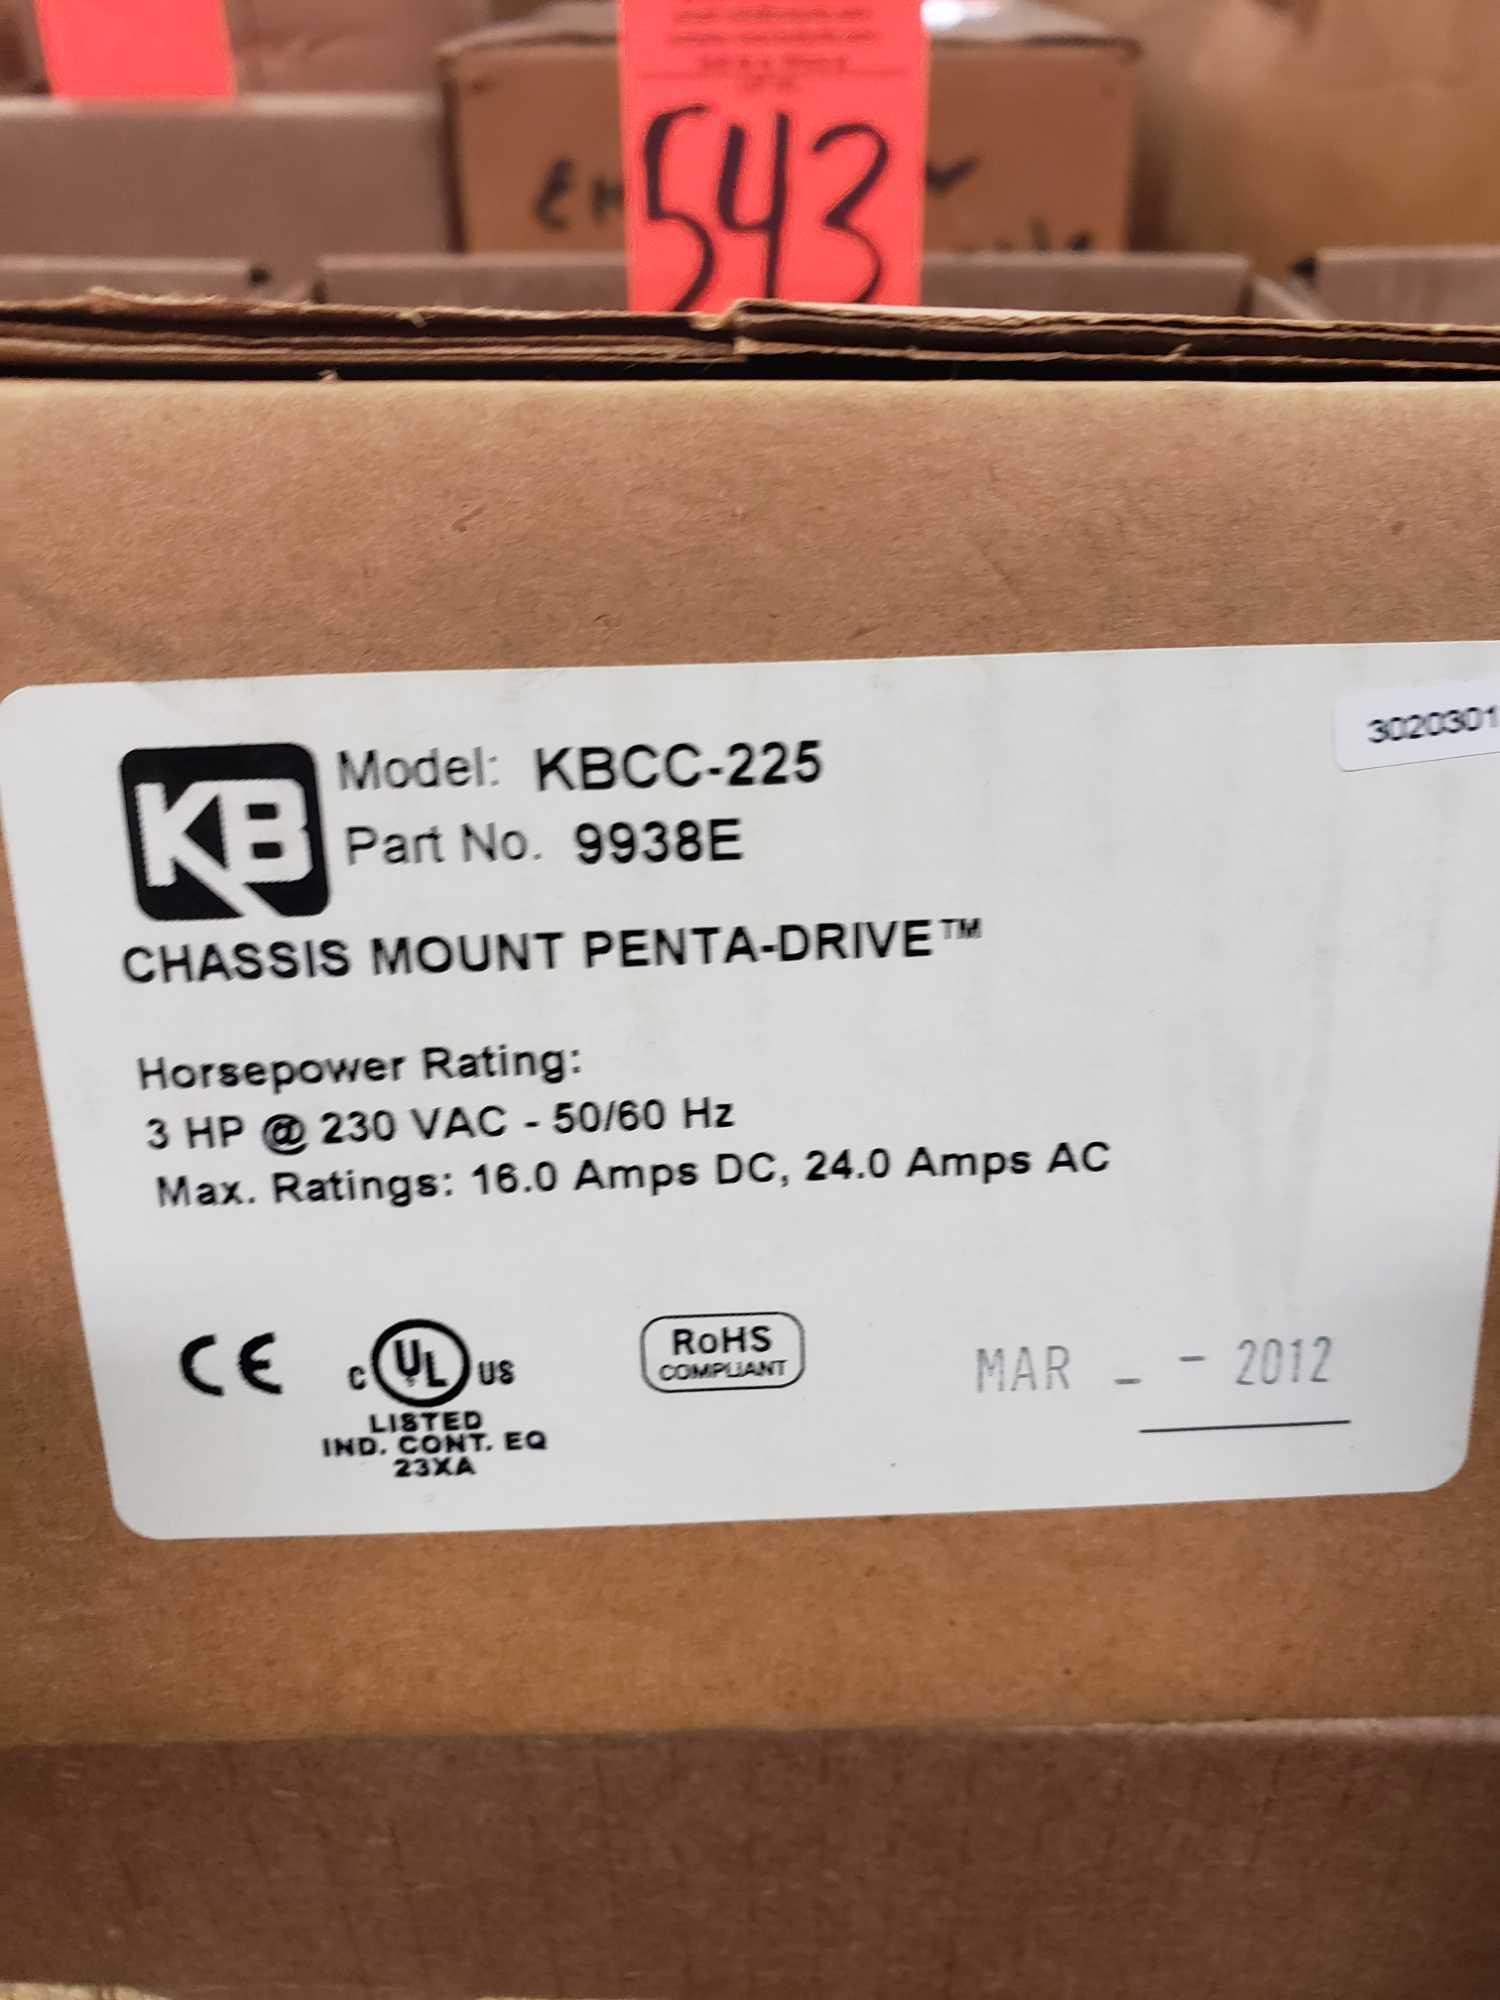 KB Penta-drive model KBCC-225. New in sealed box. - Image 2 of 2